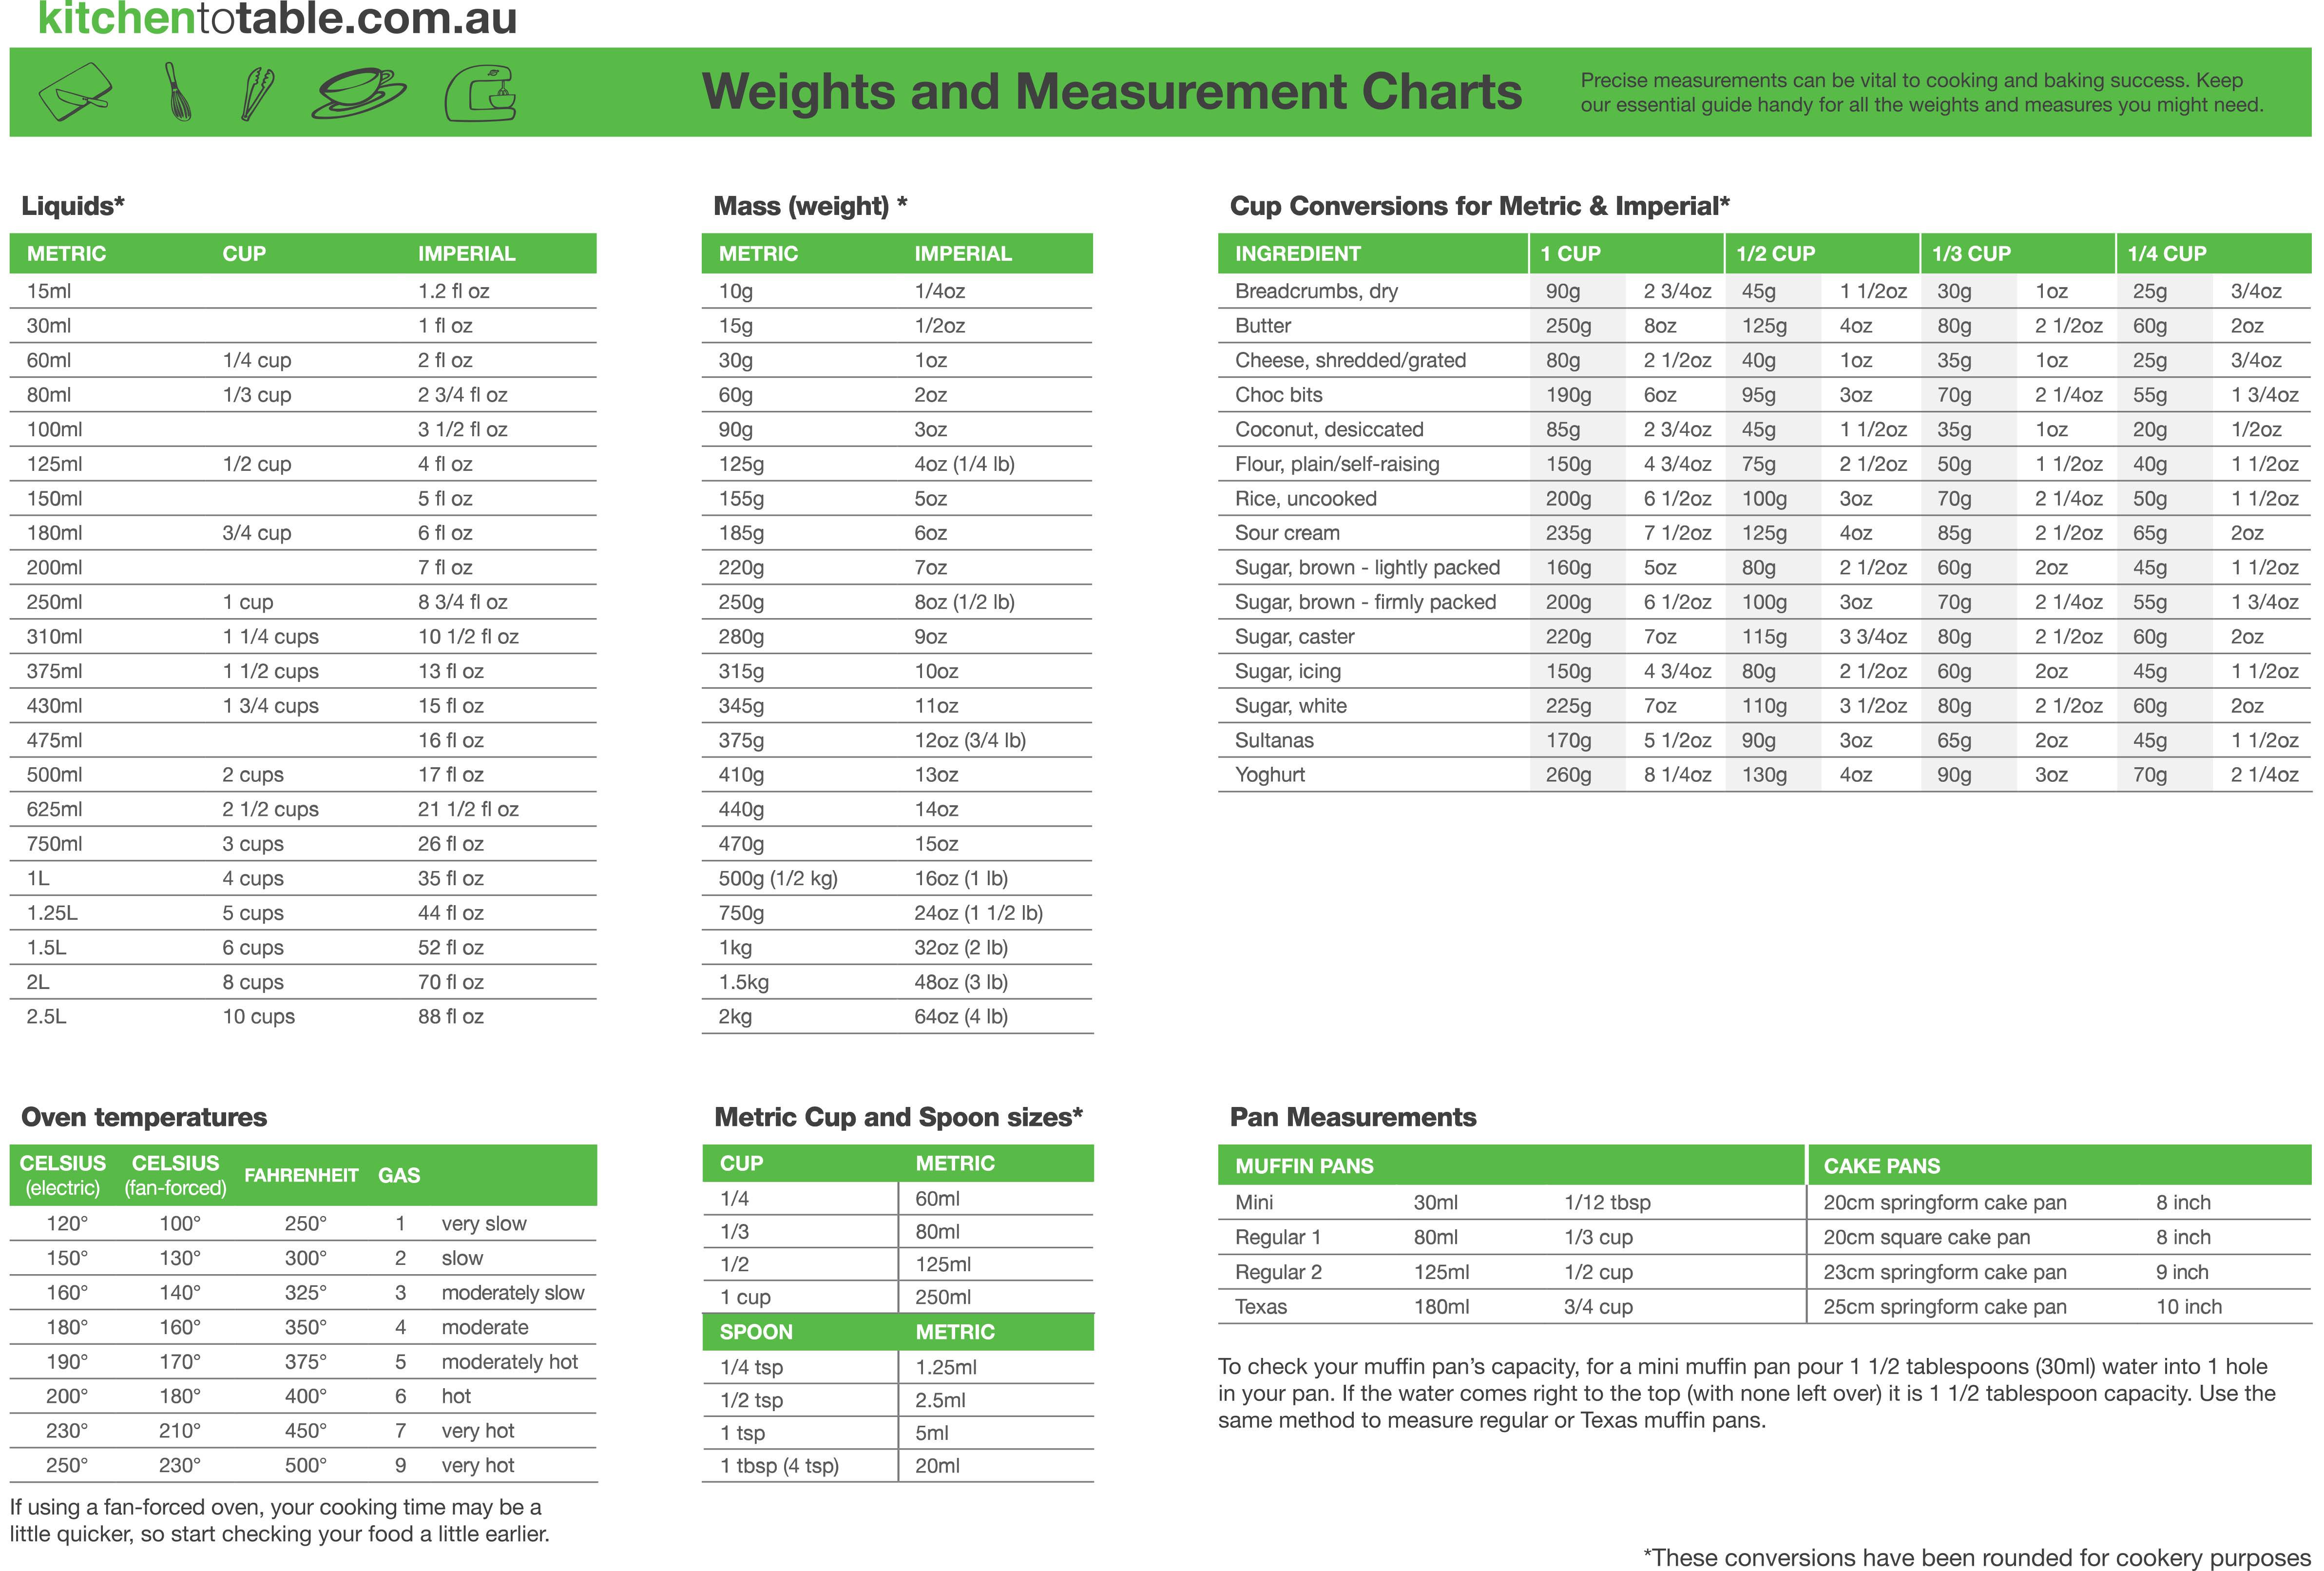 KTT_Conversion-Charts_A3_OCT15_final